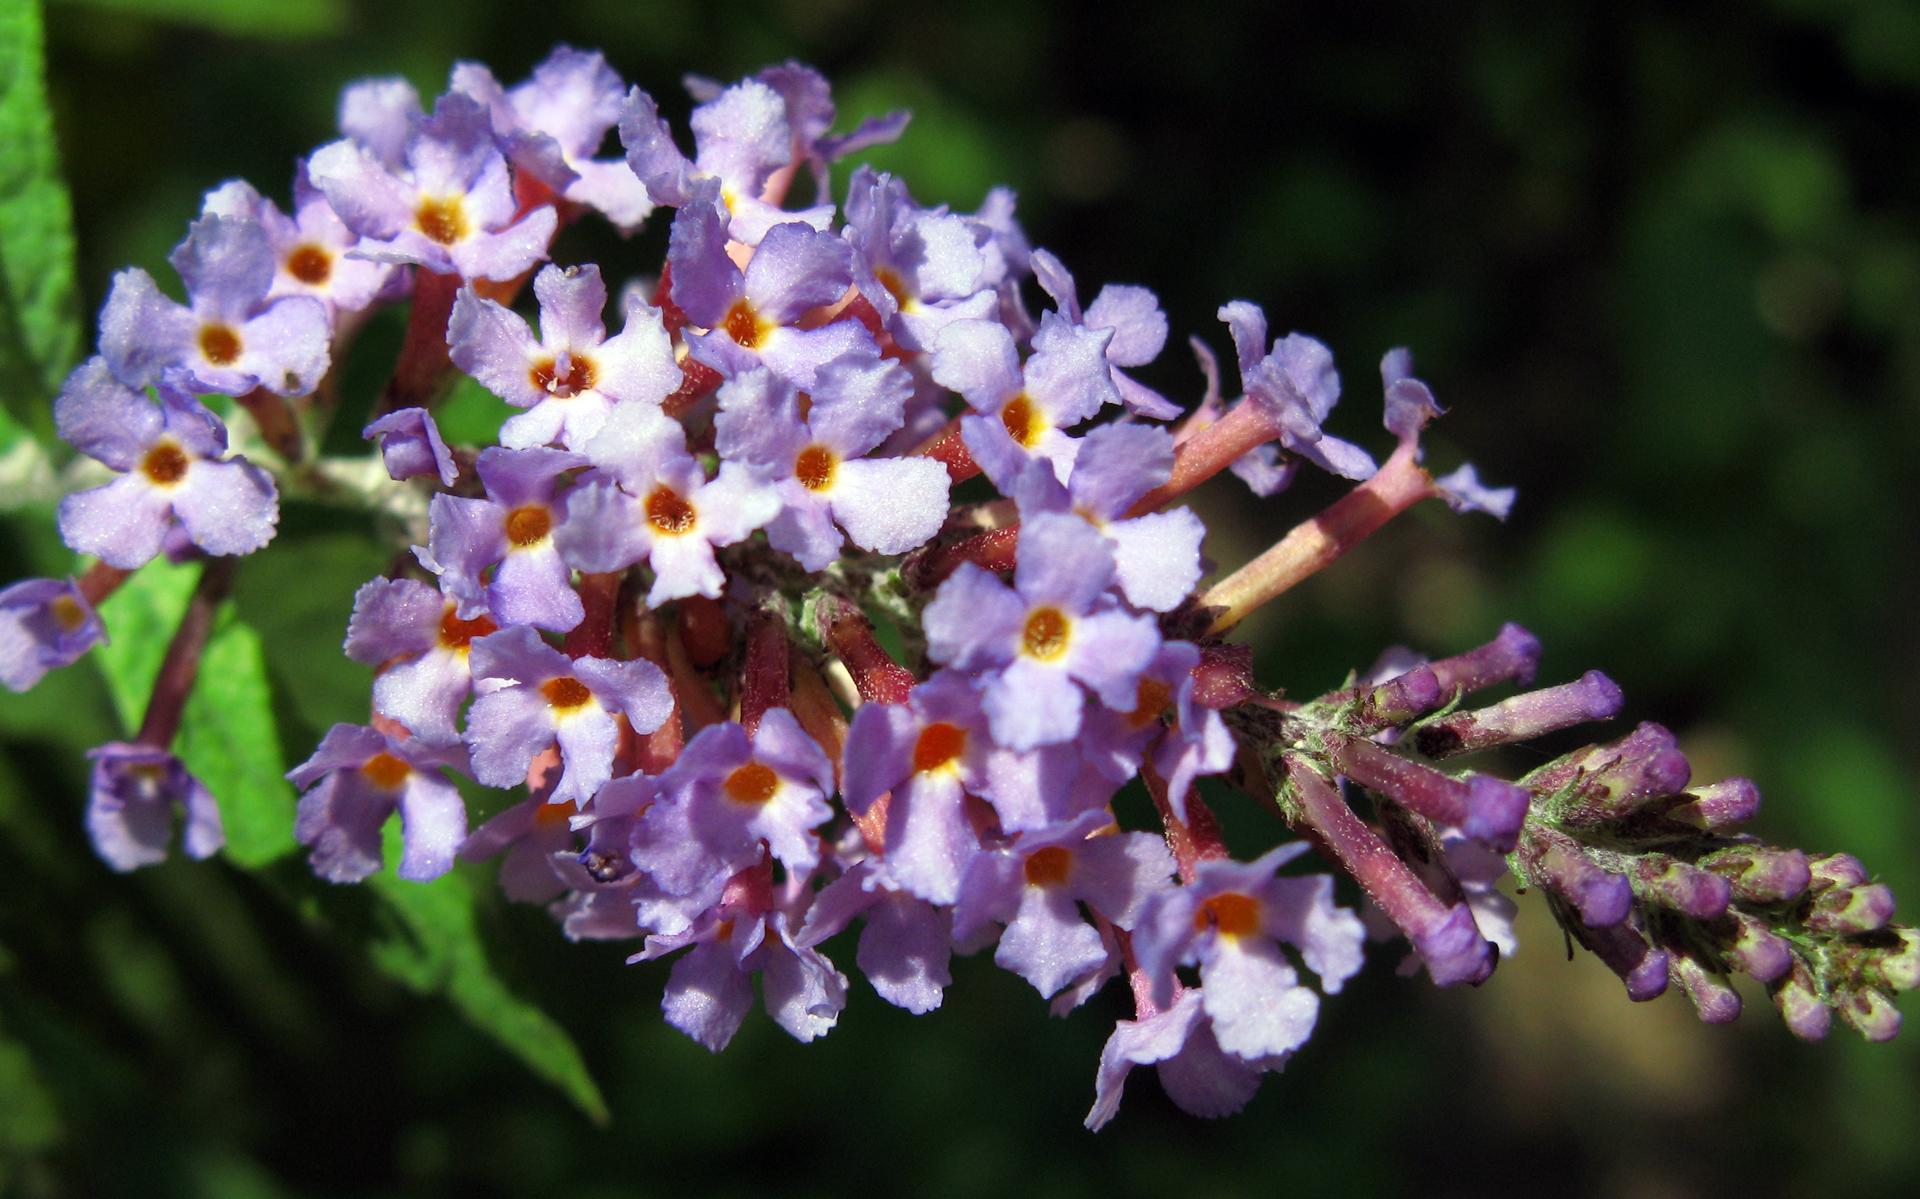 Arbre à papillons - Crédit : TANAKA Juuyoh - Flickr